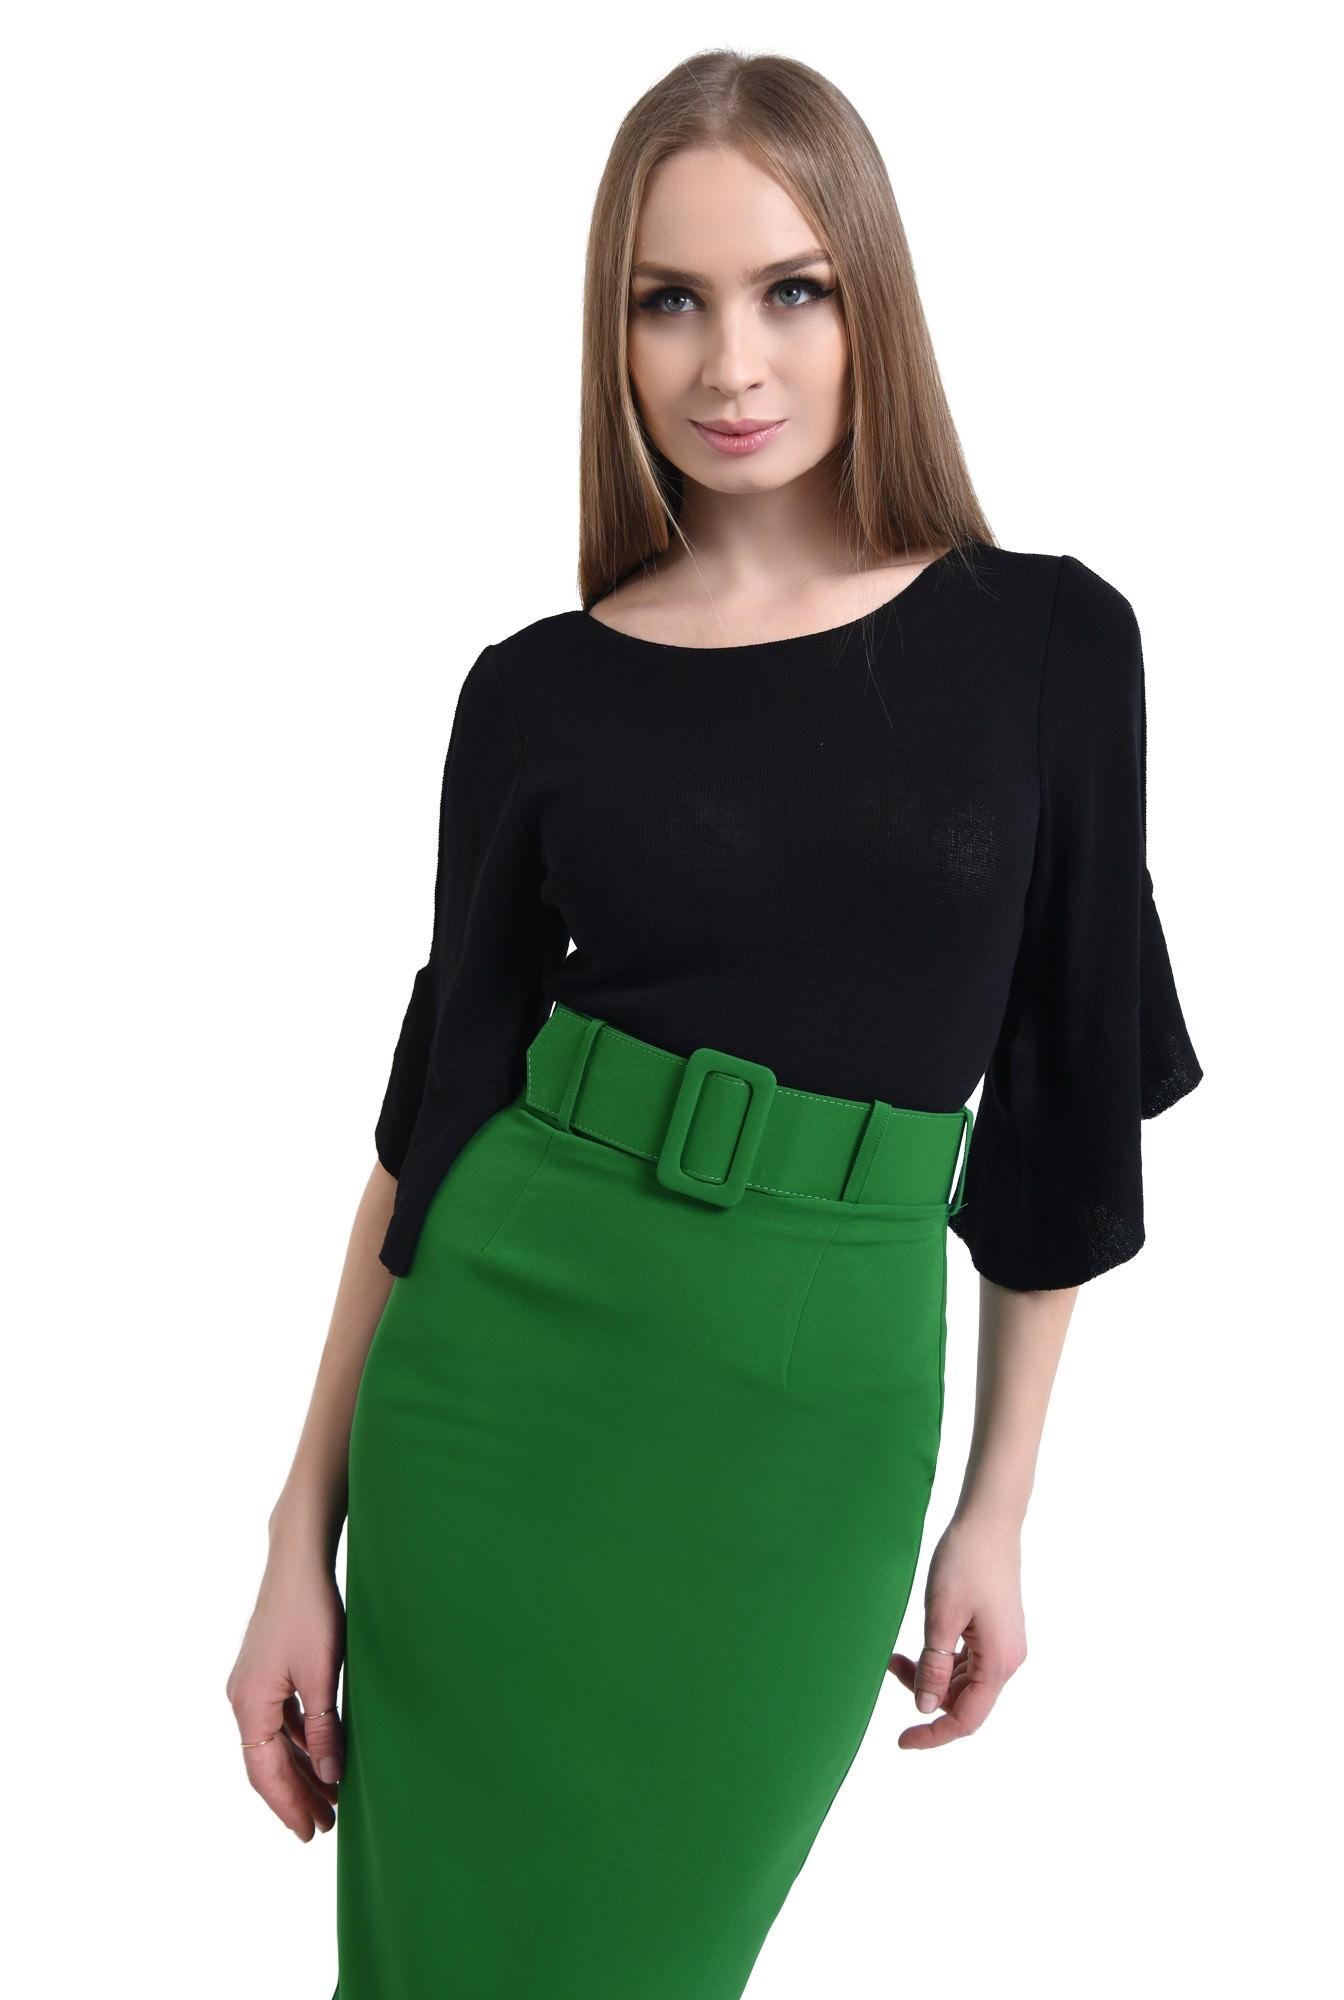 0 - Bluza casual, negru, tricot